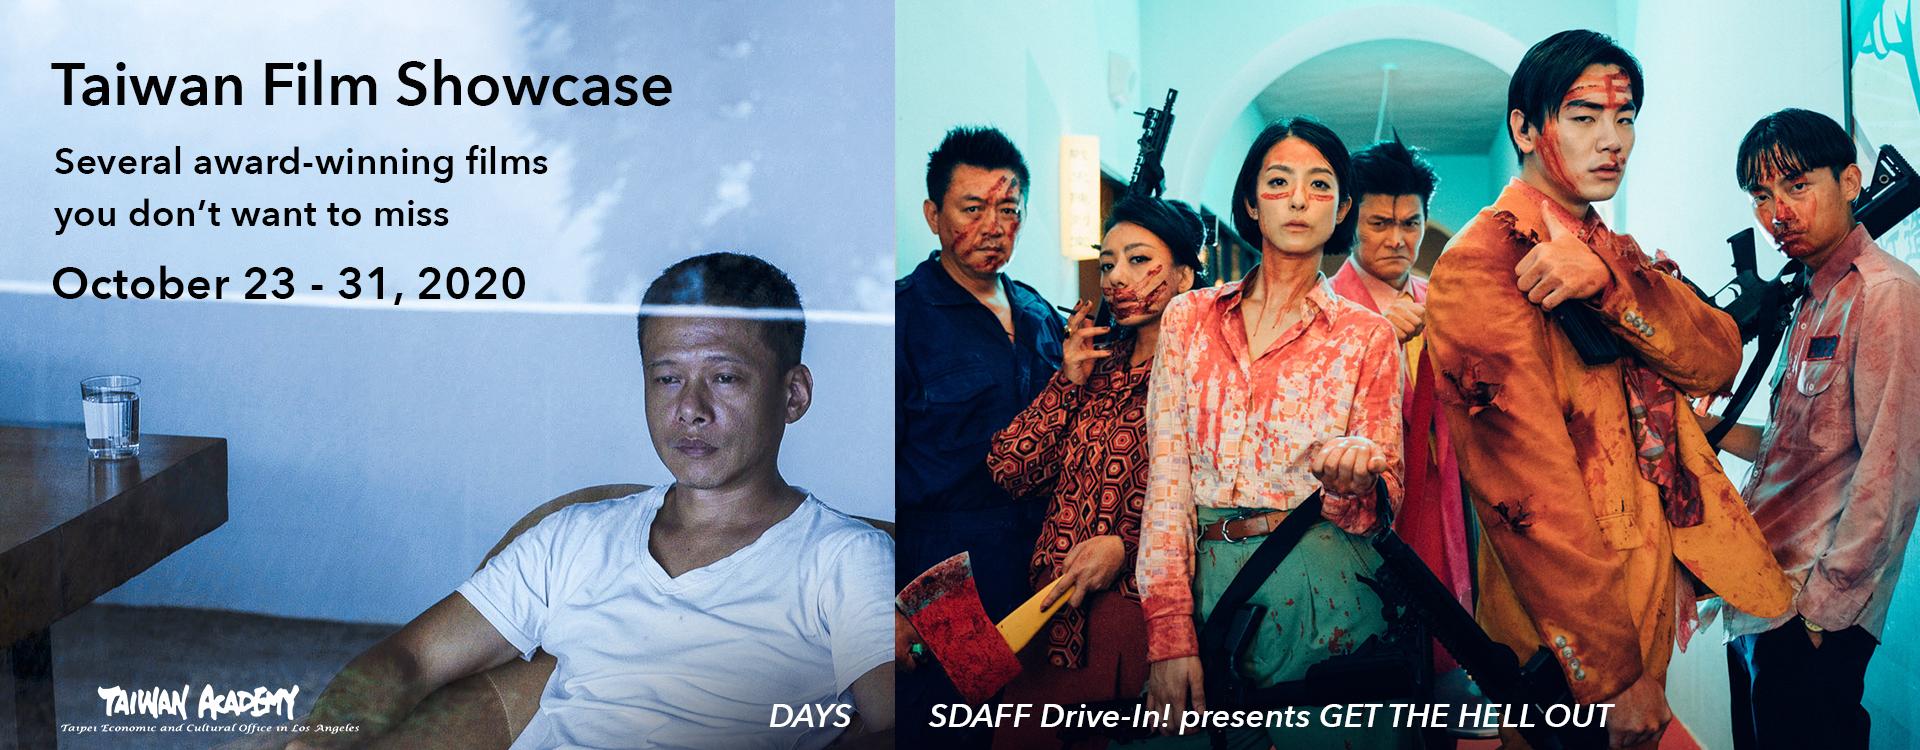 2020聖地牙哥亞洲電影節臺灣電影櫥窗 《日子》品味樸實的相遇  汽車電影院《逃出立法院》揭開活屍晚宴「另開新視窗」